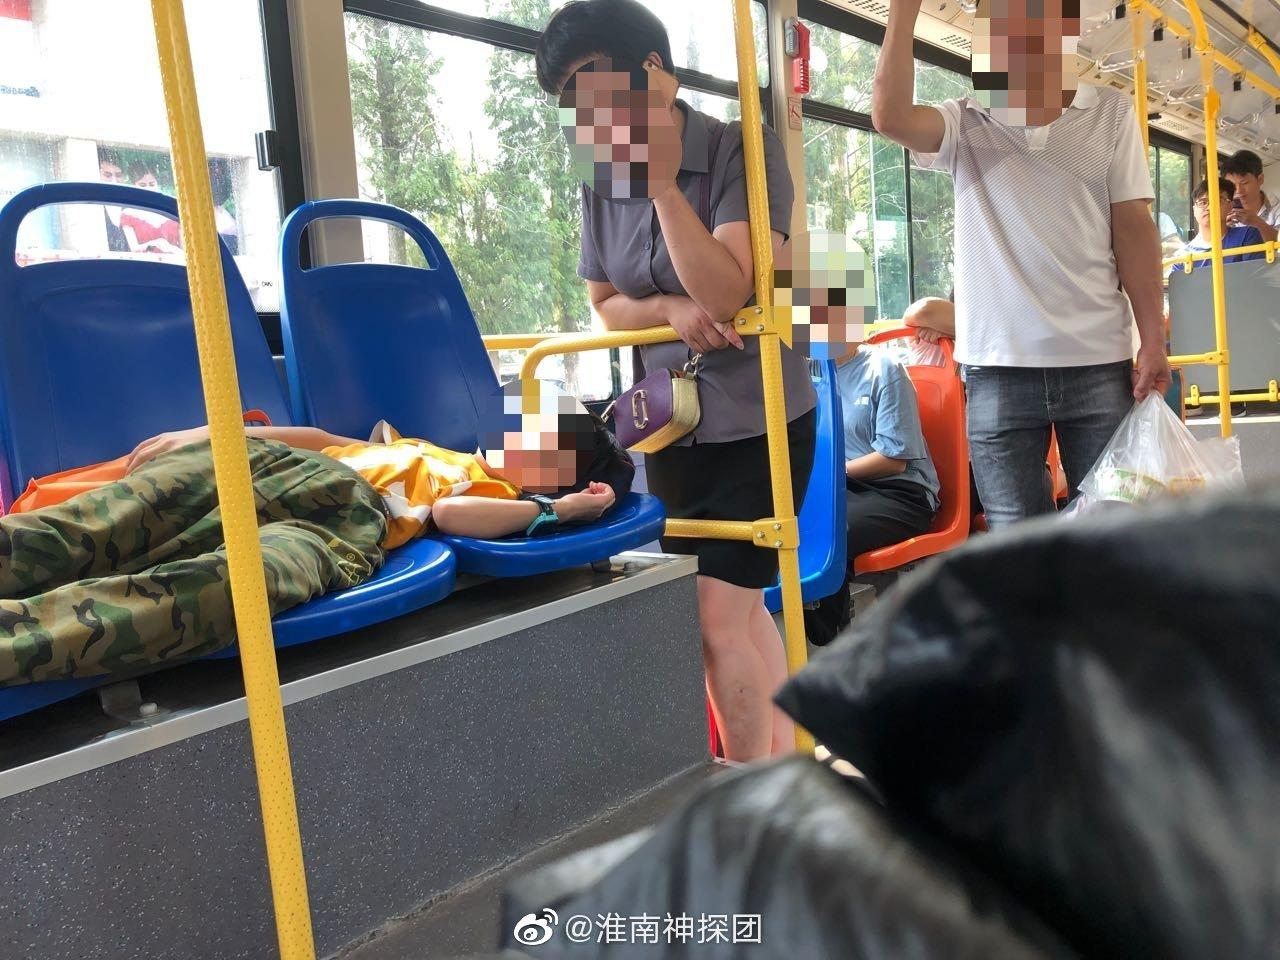 """据网友反映:""""这是今天中午发生在淮南121路公交车上的一幕"""